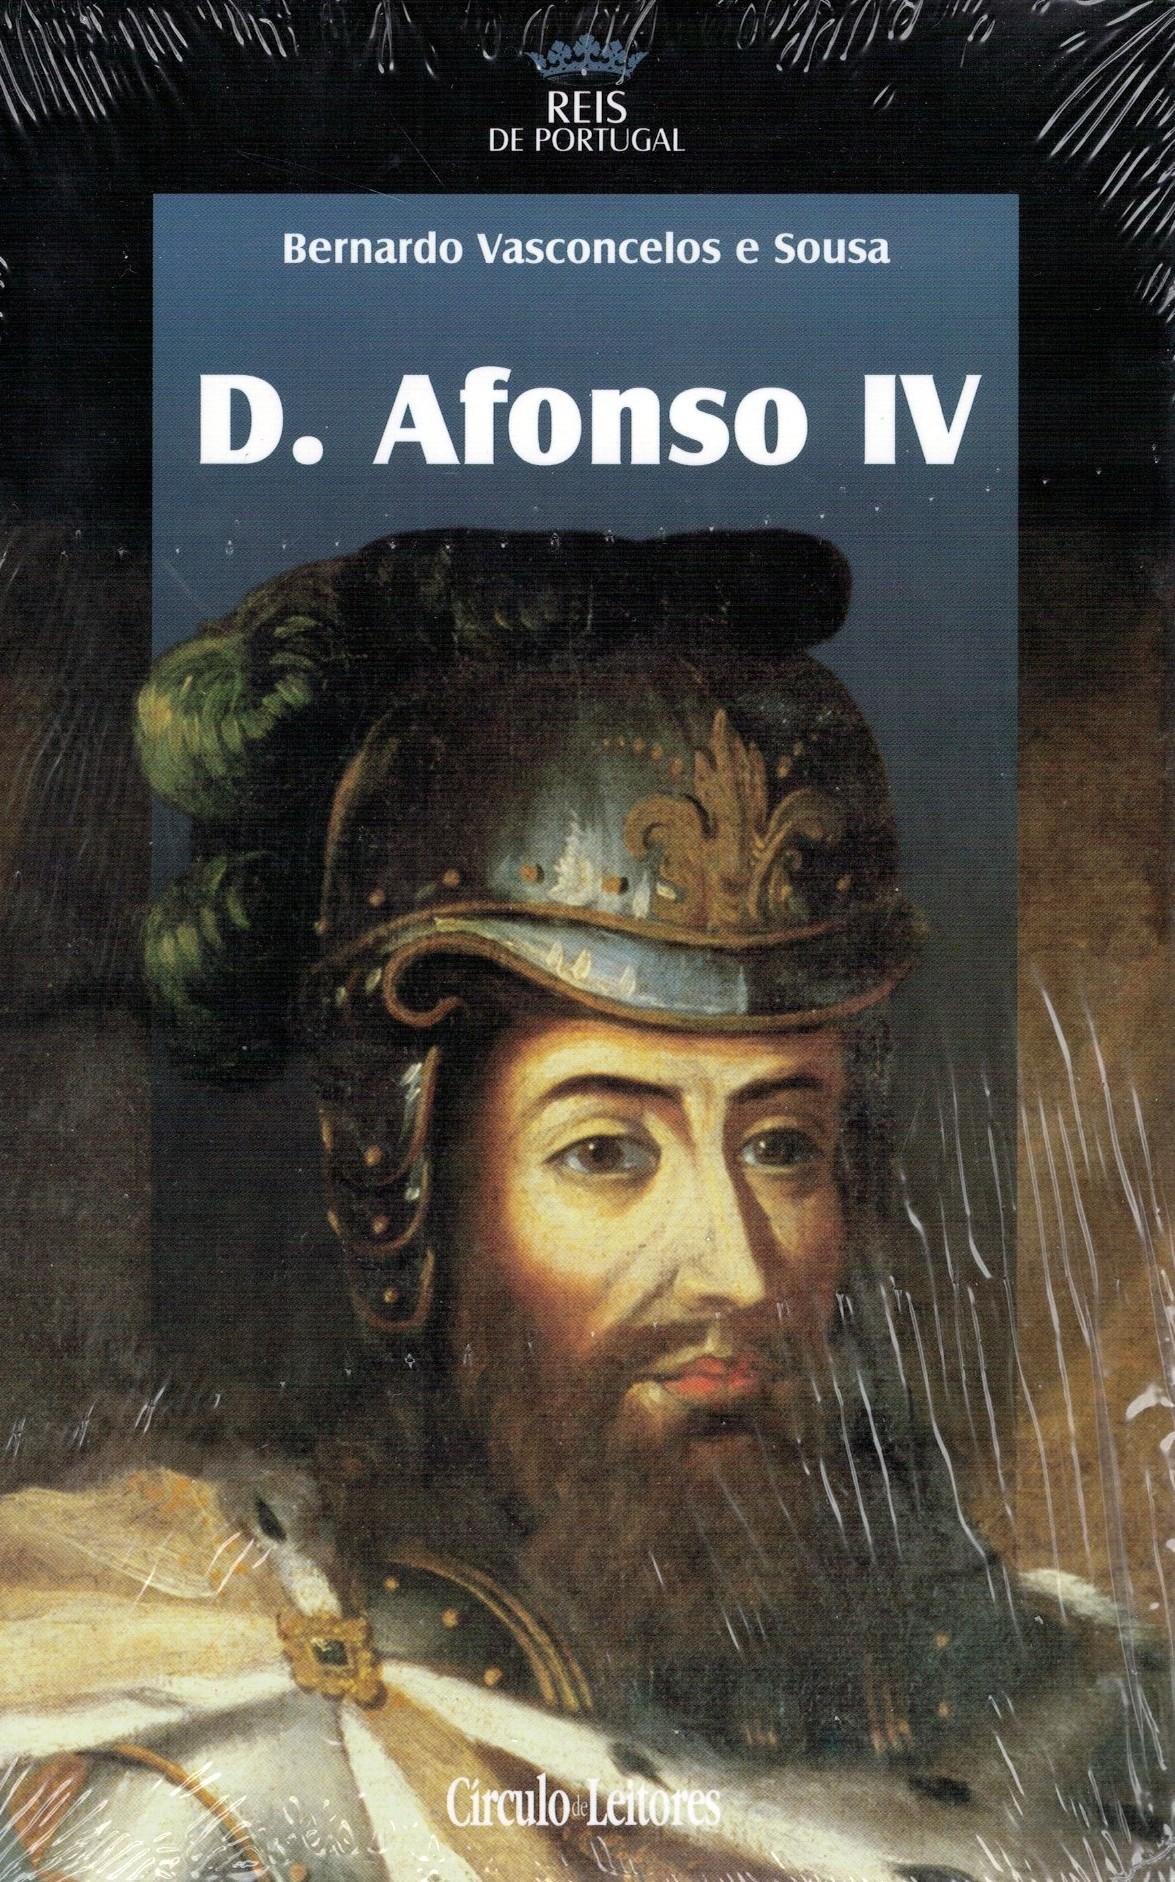 D. Afonso IV de Bernardo Vasconcelos e Sousa